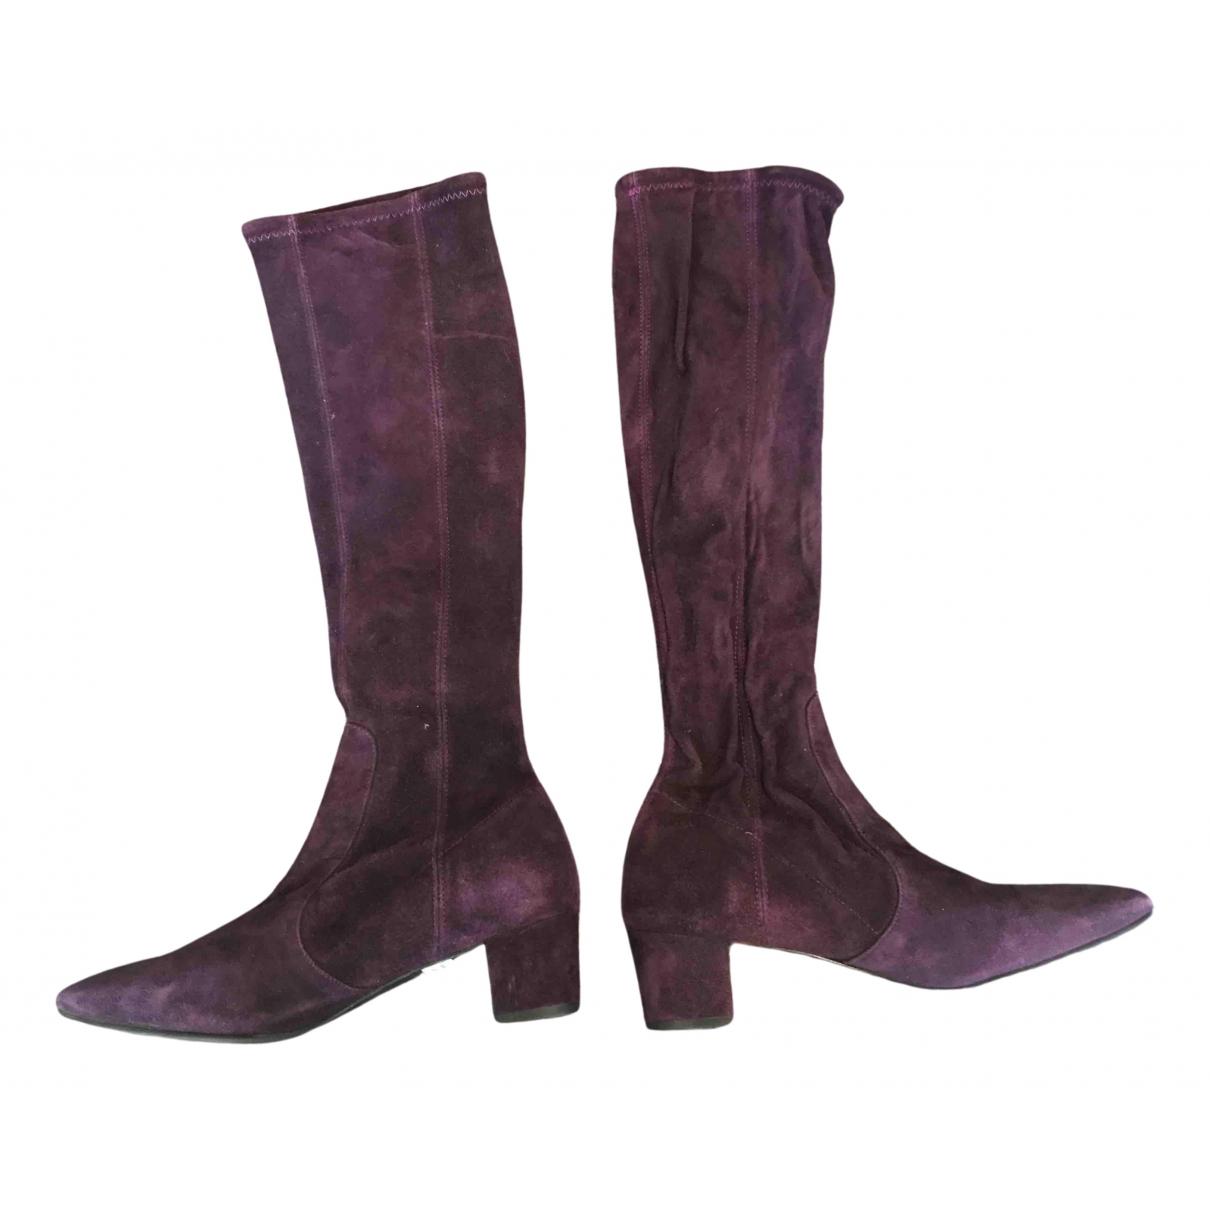 Lk Bennett - Bottes   pour femme en suede - violet